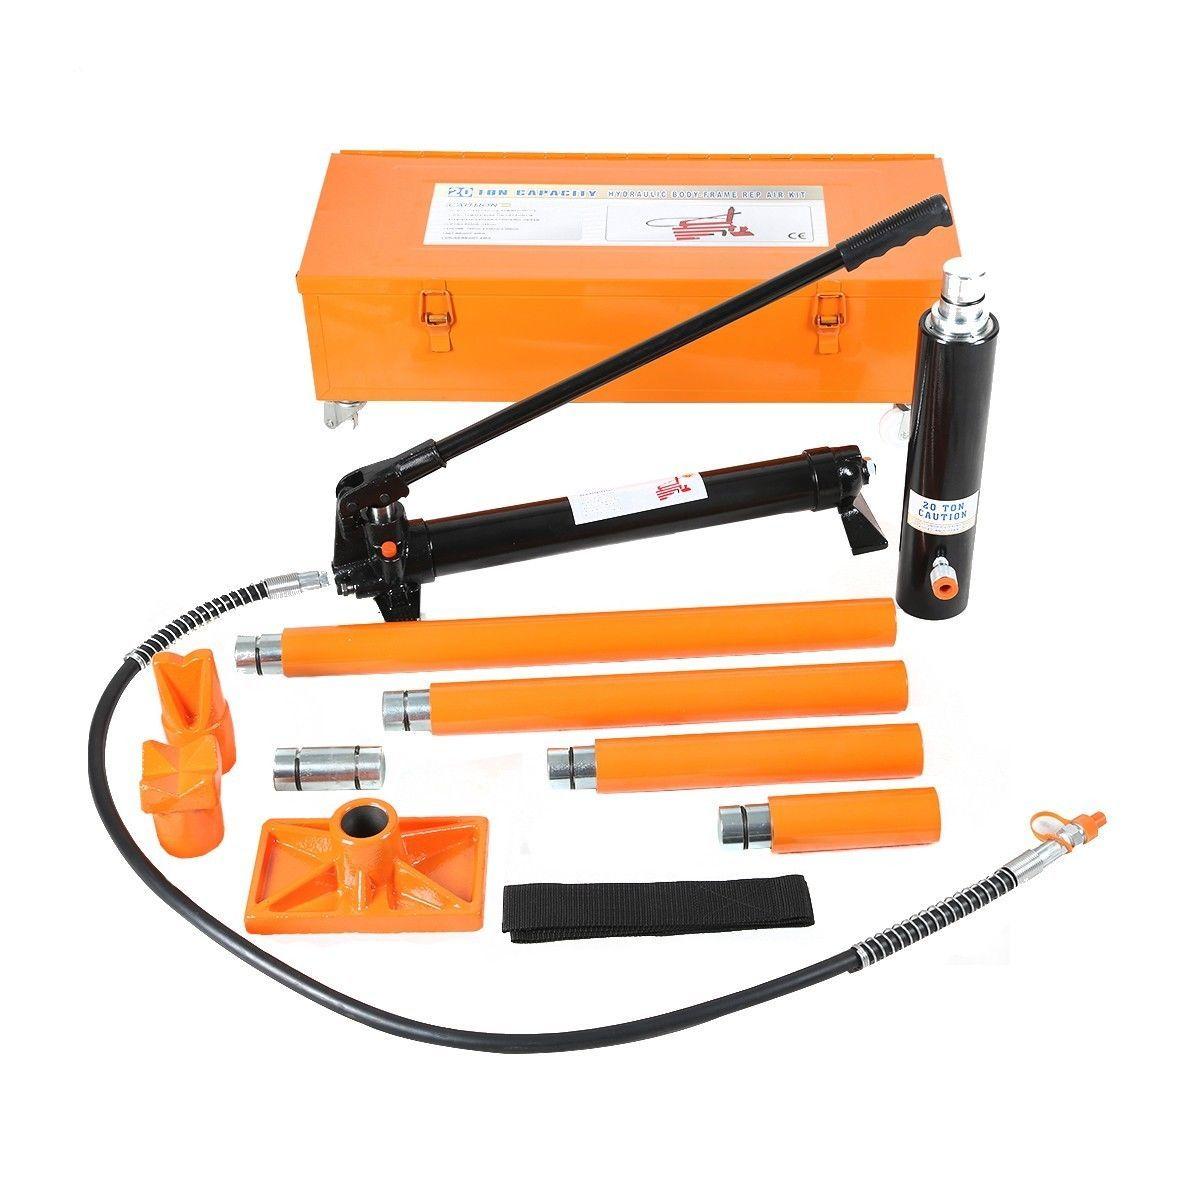 20 Ton Hydraulic Jack Air Pump Lift Porta Power Ram Repair Tool Kit Set W Case Power Ram Tool Kit Air Pump